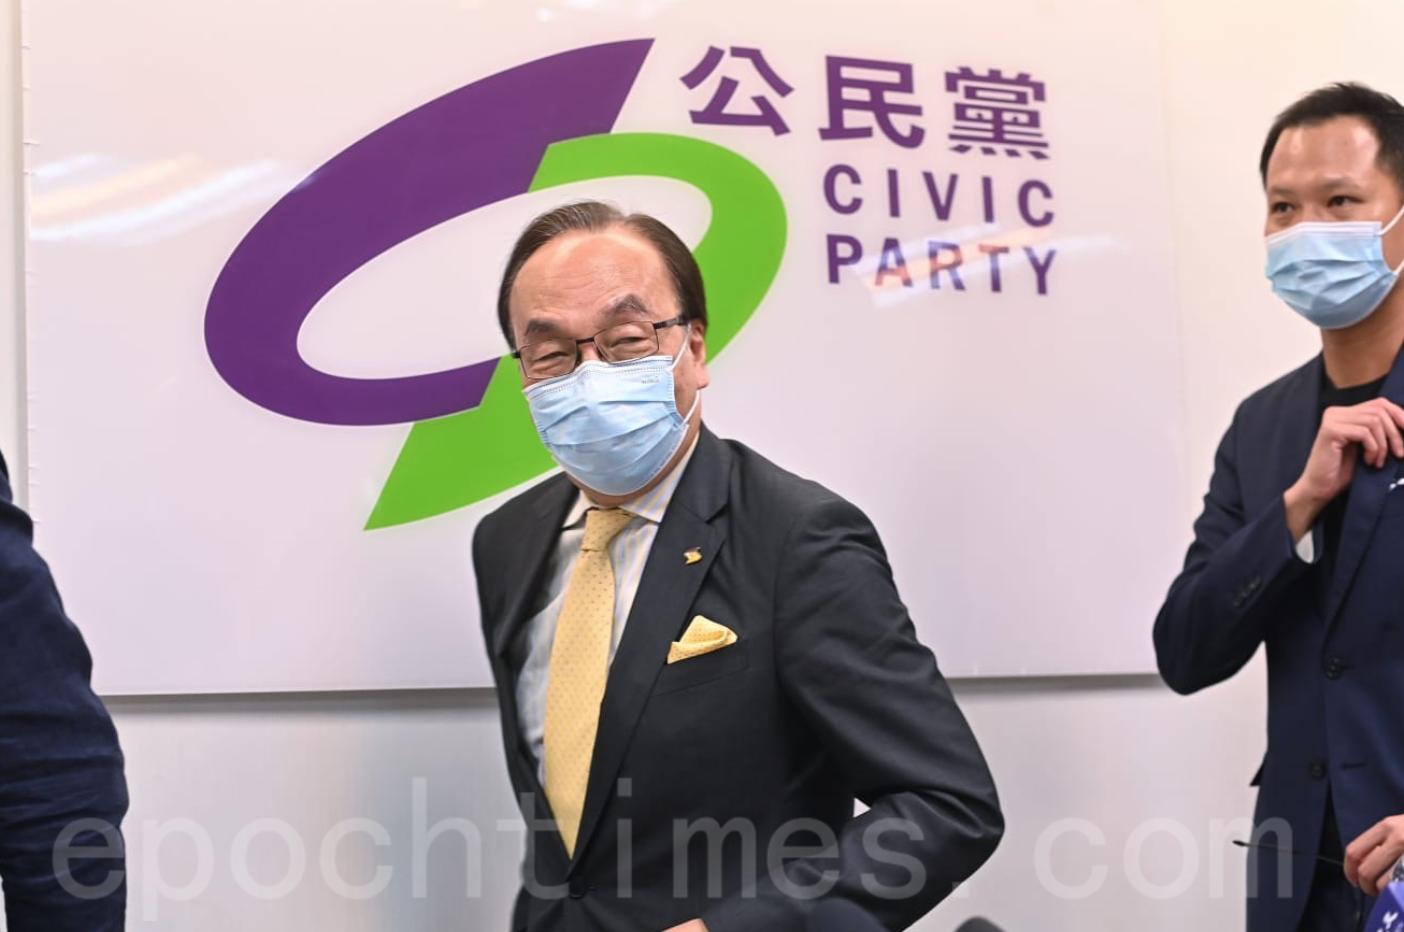 公民黨主席梁家傑,相信其他公民黨參選人都「凍過水」。(宋碧龍/大紀元)